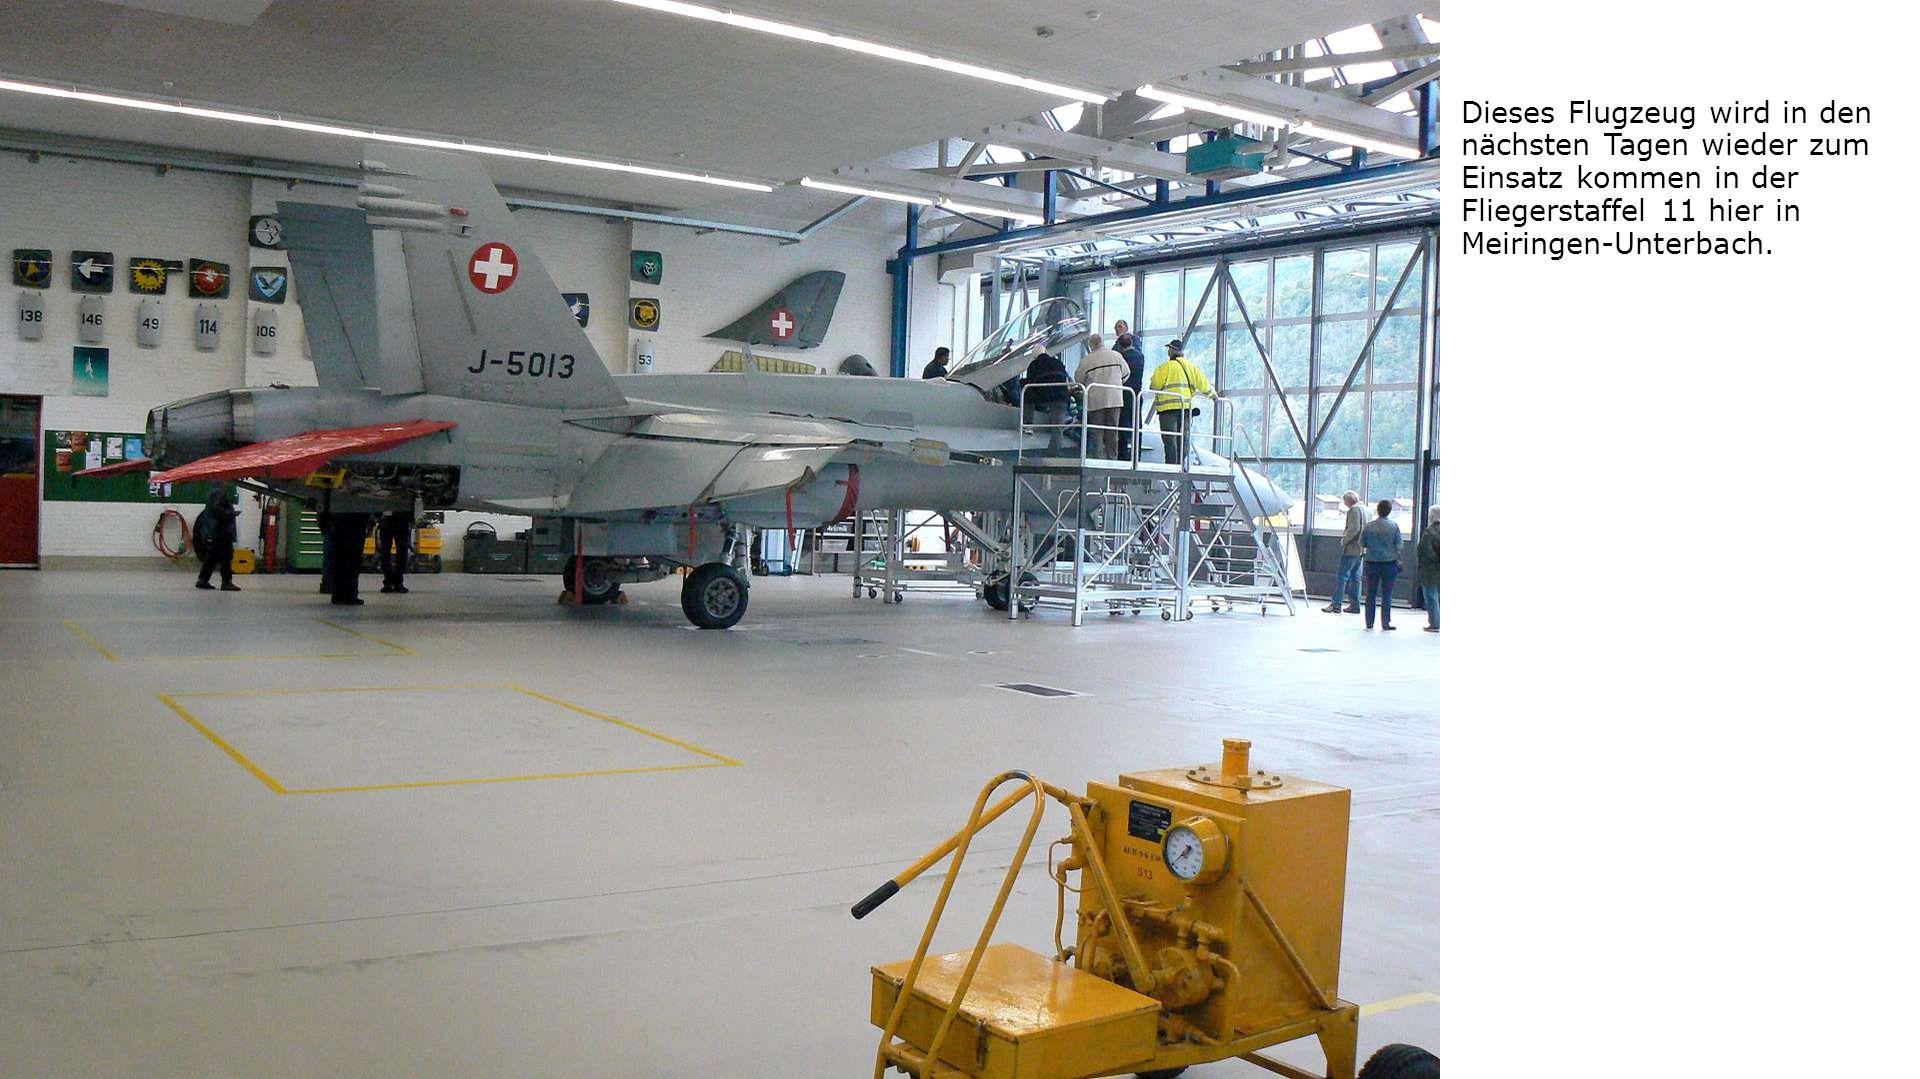 Dieses Flugzeug wird in den nächsten Tagen wieder zum Einsatz kommen in der Fliegerstaffel 11 hier in Meiringen-Unterbach.